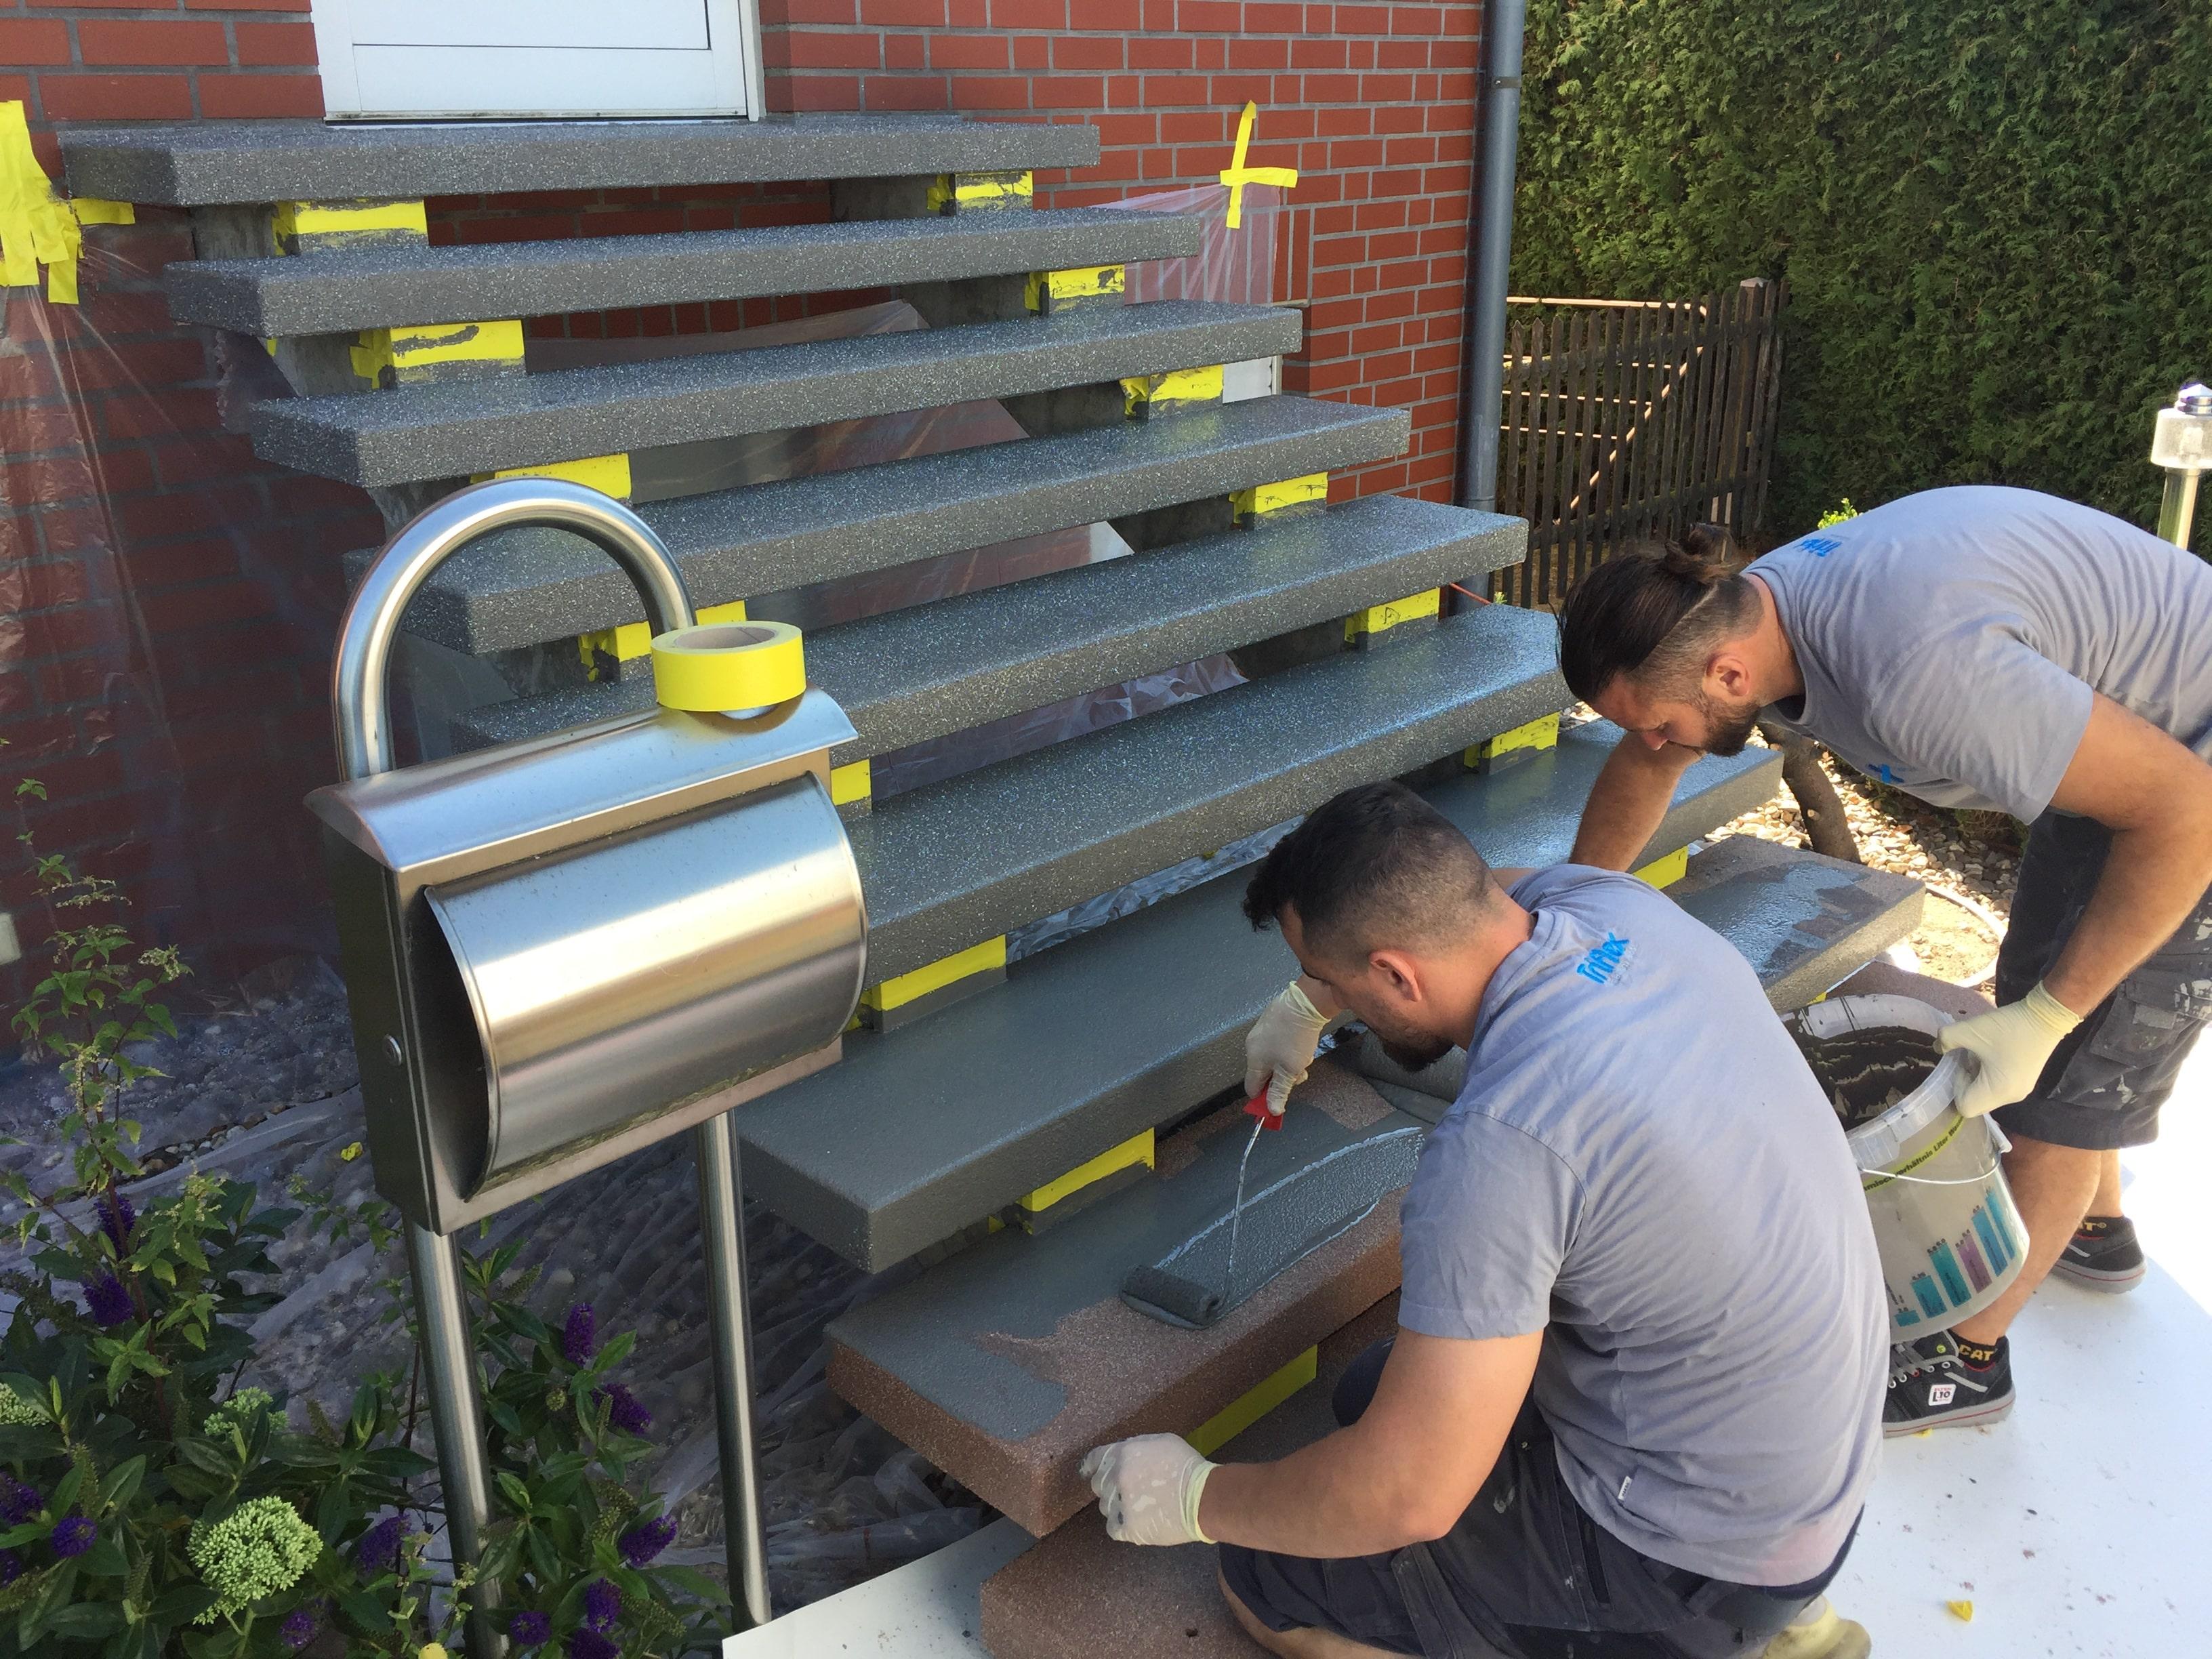 Treppenbeschichtung mit Quarzsandeinstreuung für erhöhte Rutschfestigkeit